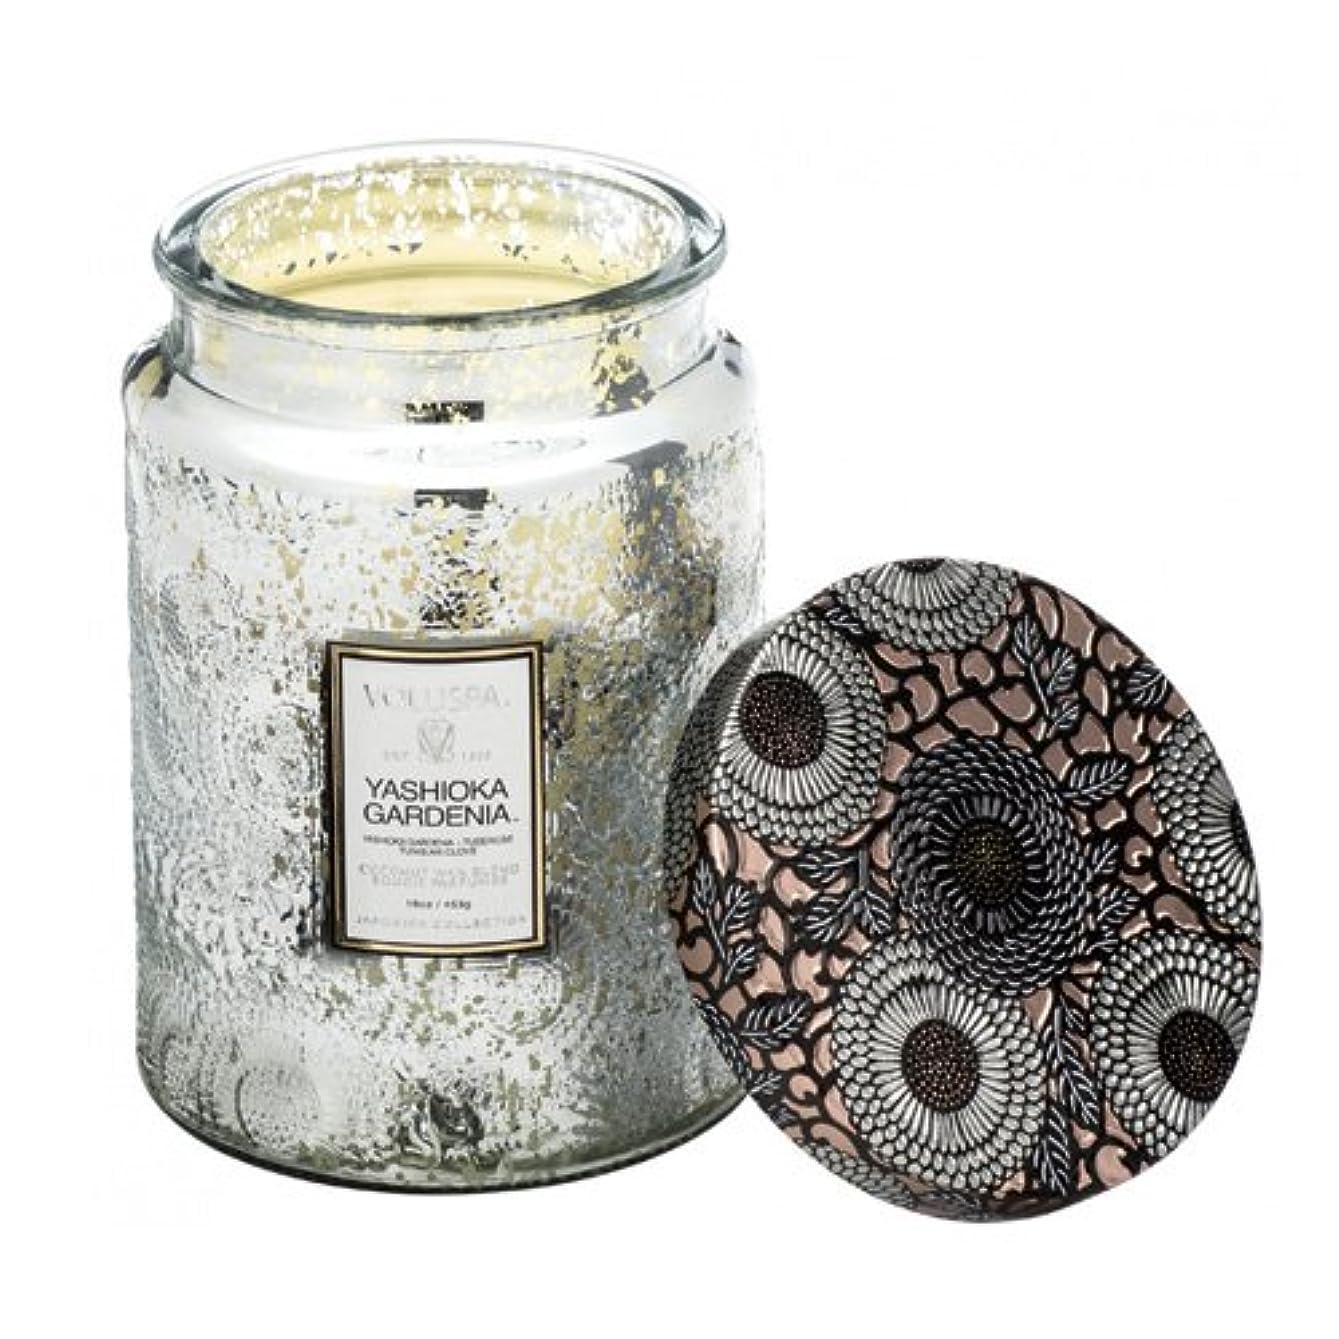 おとうさん番号アウターVoluspa ボルスパ ジャポニカ リミテッド グラスジャーキャンドル  L ヤシオカガーデニア YASHIOKA GARDENIA JAPONICA Limited LARGE EMBOSSED Glass jar candle